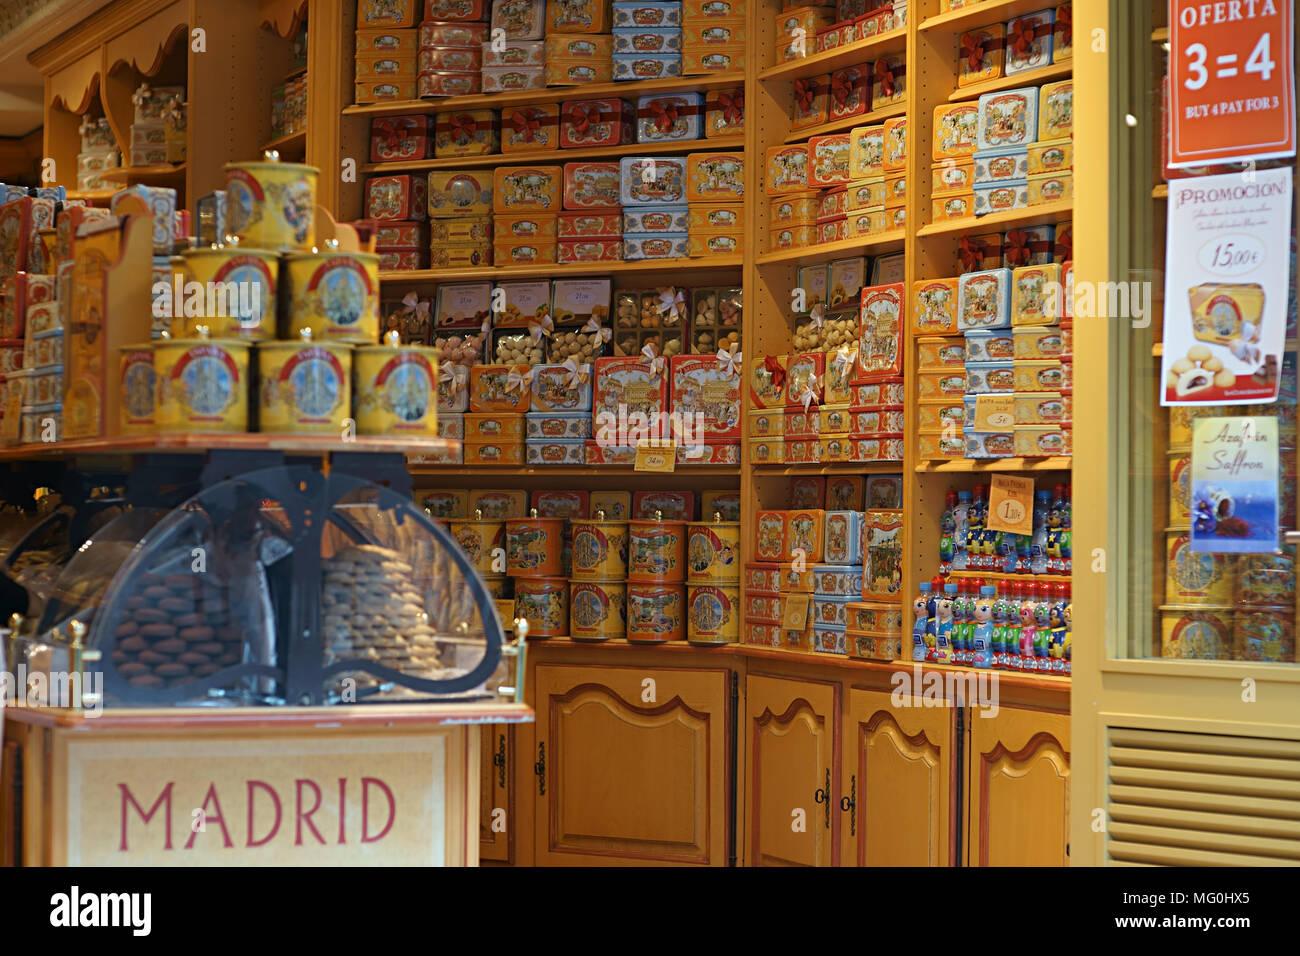 La Cure gourmande Kekse in Madrid, Spanien Stockbild